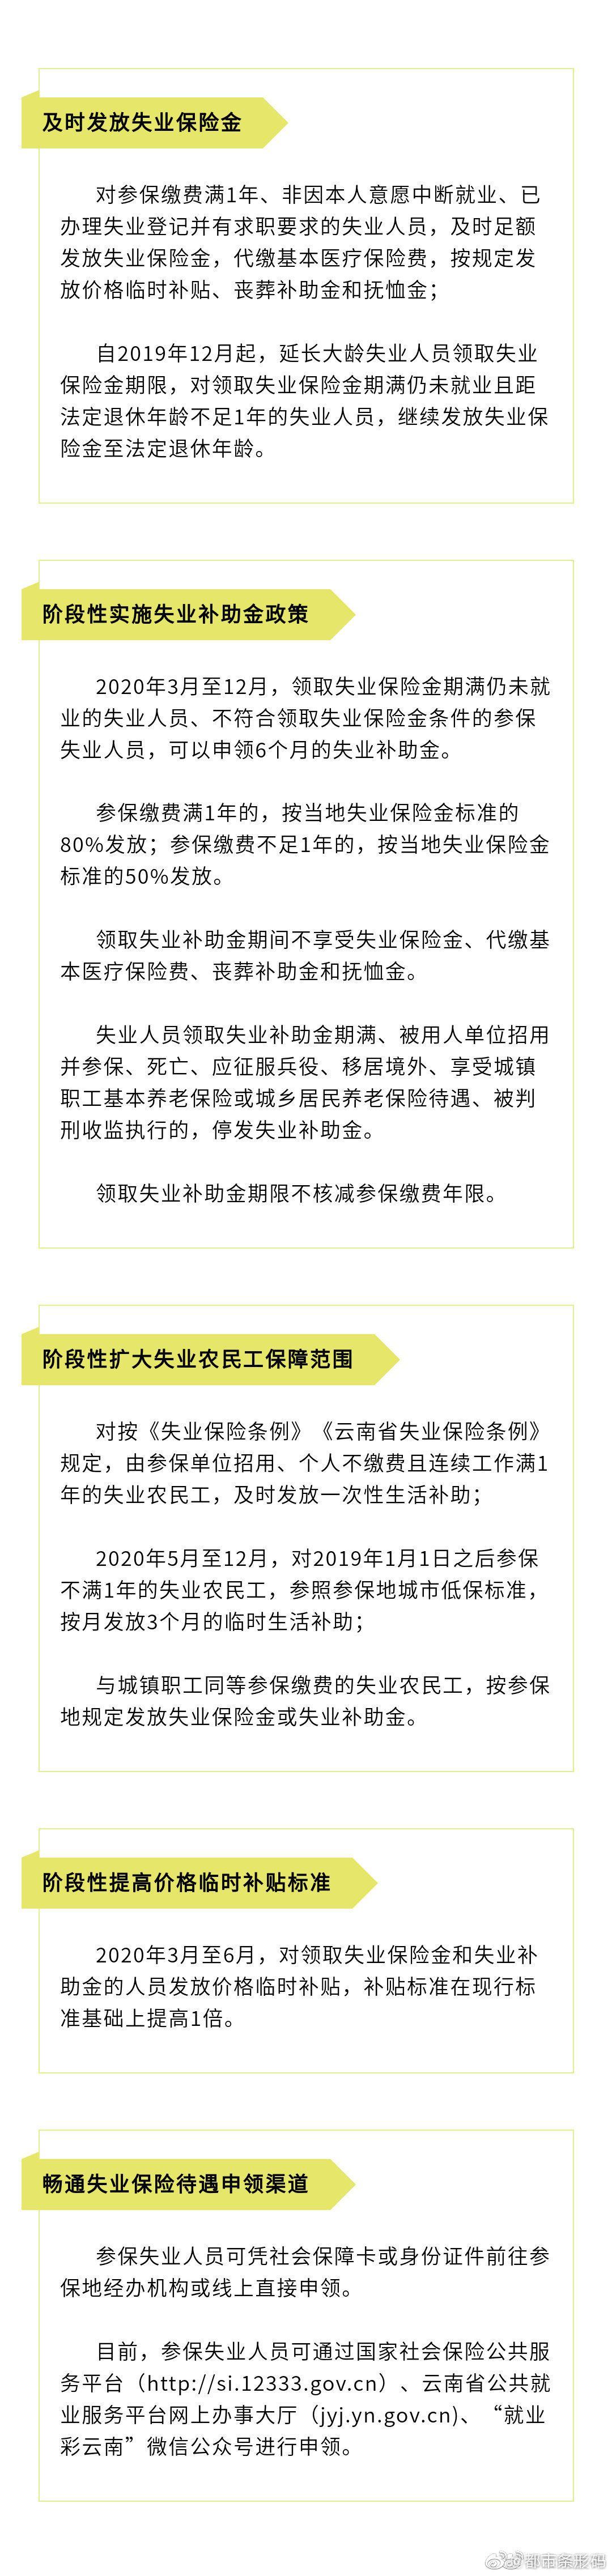 惠民政策来啦!云南扩大失业保险保障范围